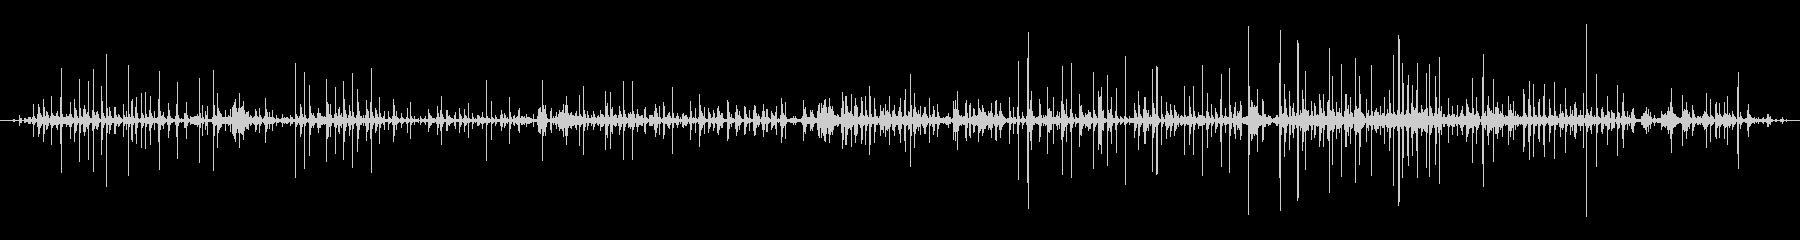 西会津町 - 伝統産業 和紙を漉く音の未再生の波形